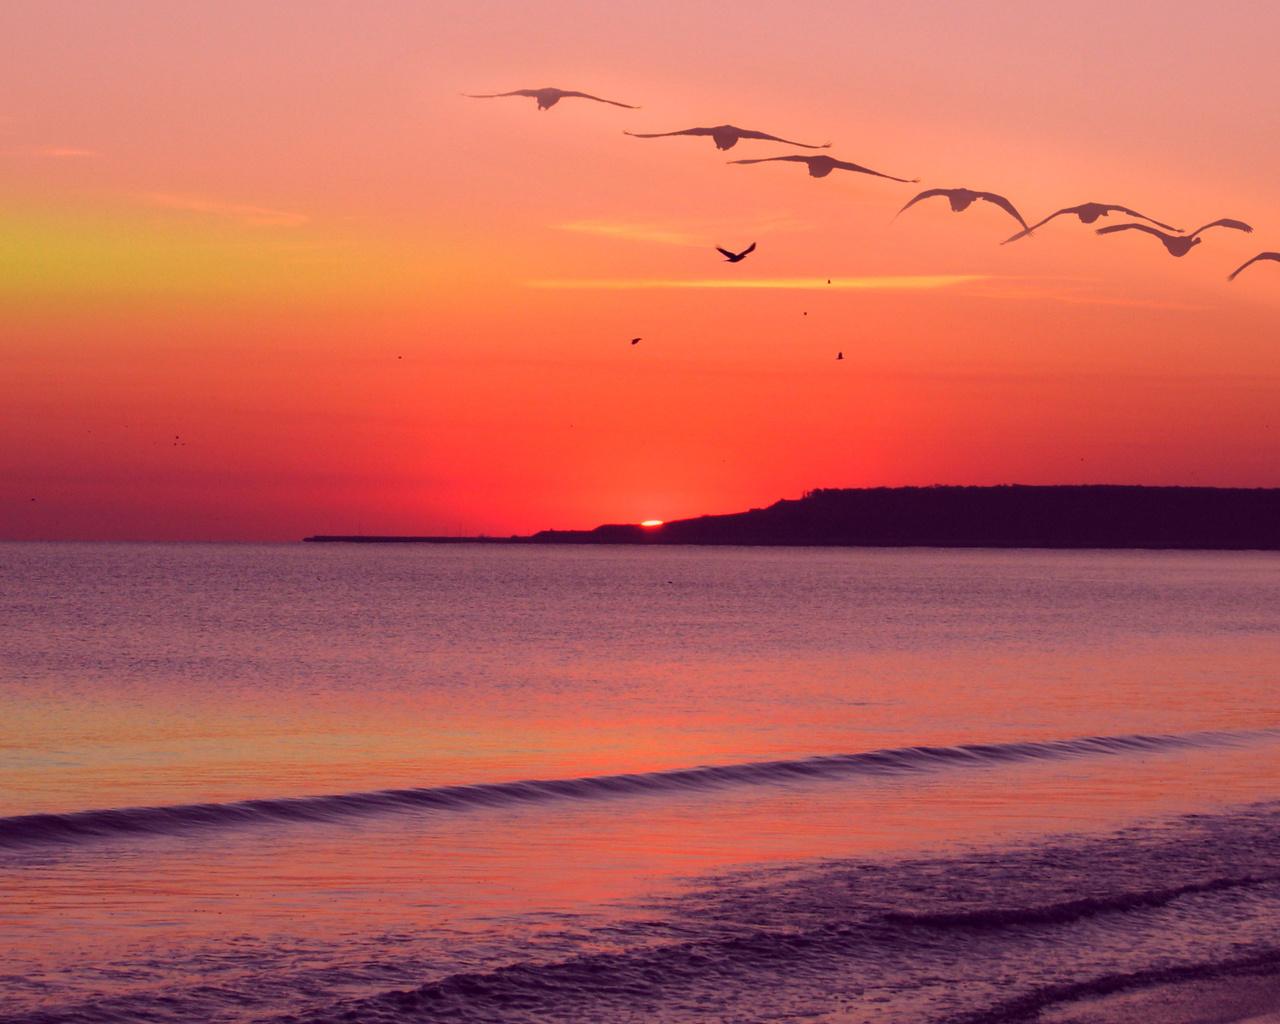 заря, вечер, море, птицы